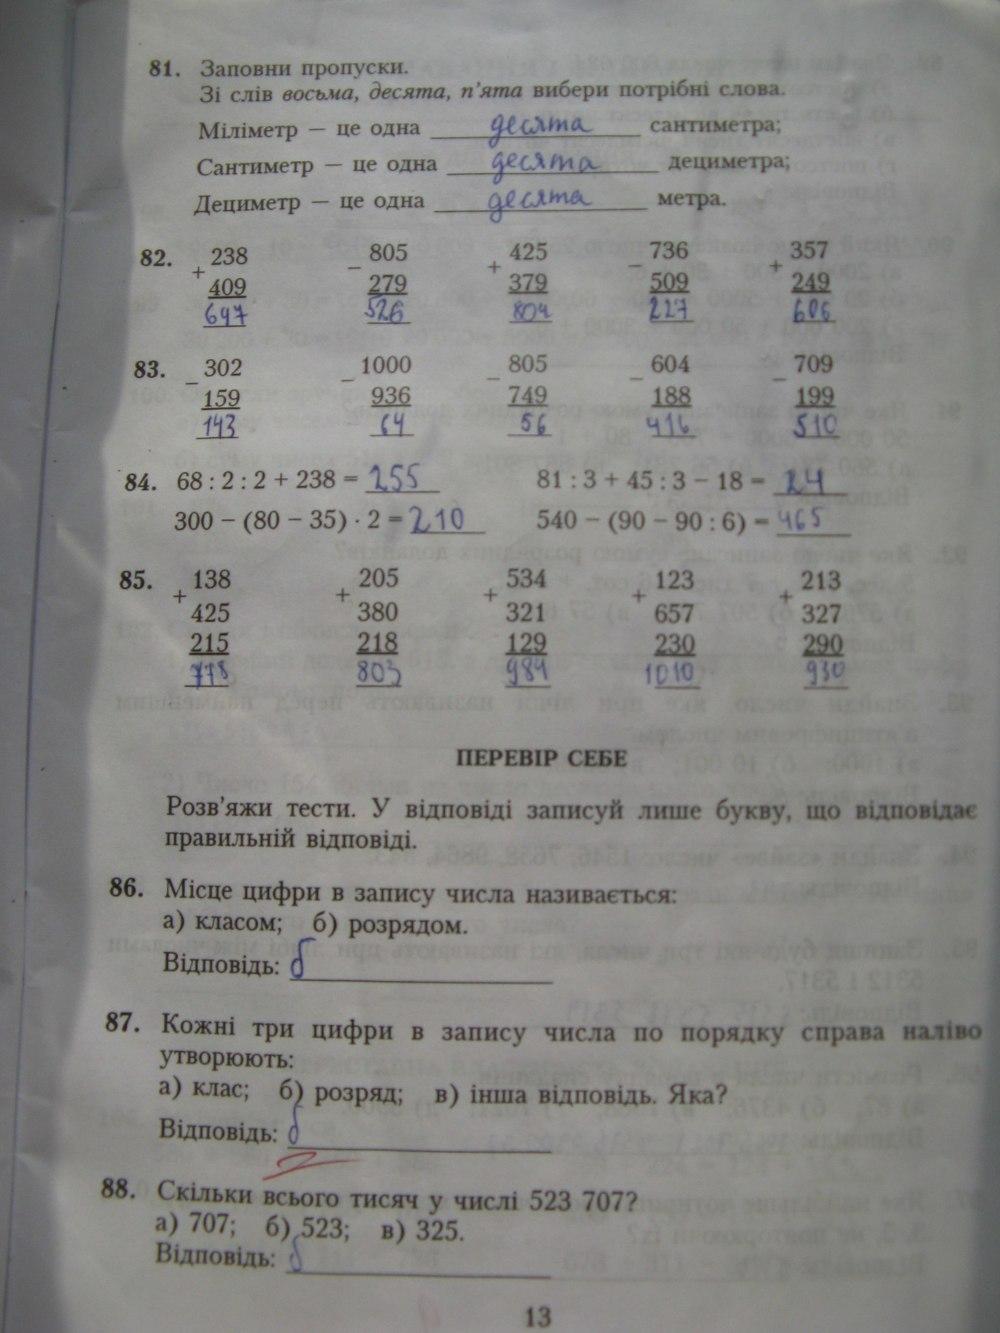 Гдз 4 клас математика зошит назаренко відповіді